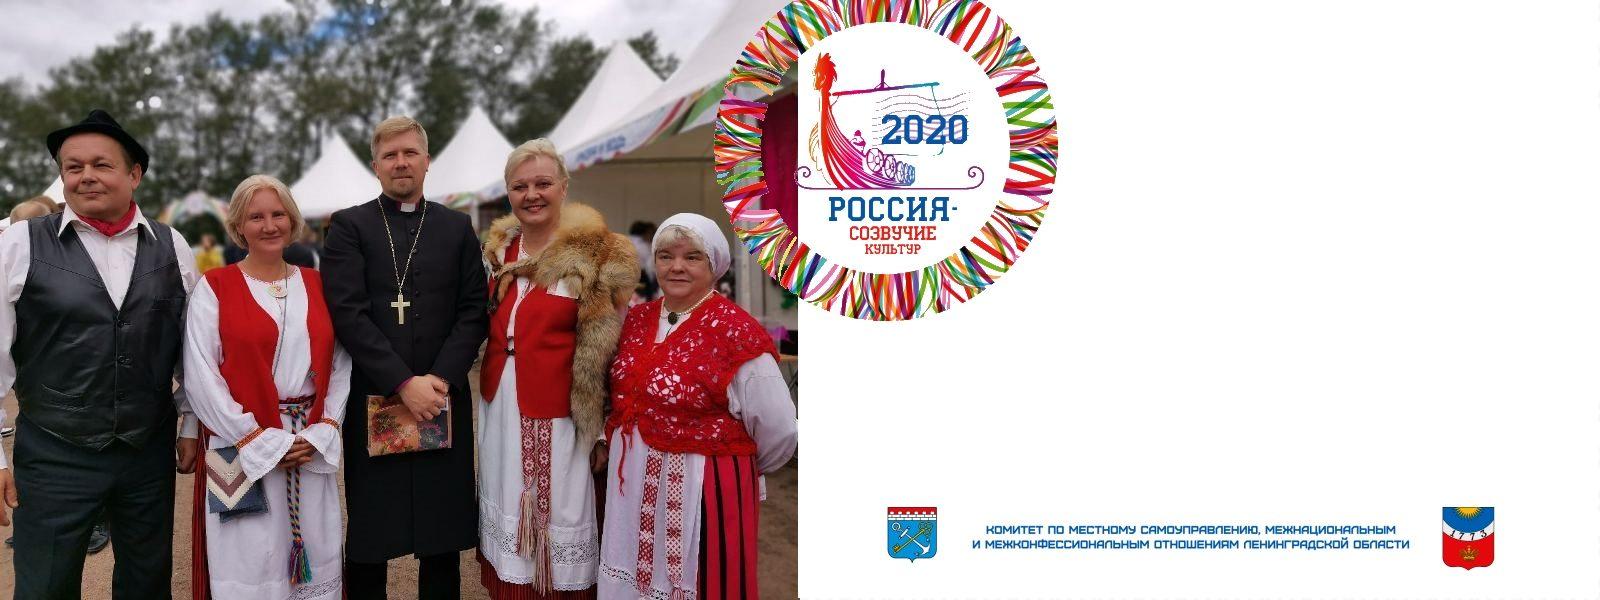 Епископ Иван Лаптев стал почетным гостем Этнокультурного фестиваля Ленинградской области